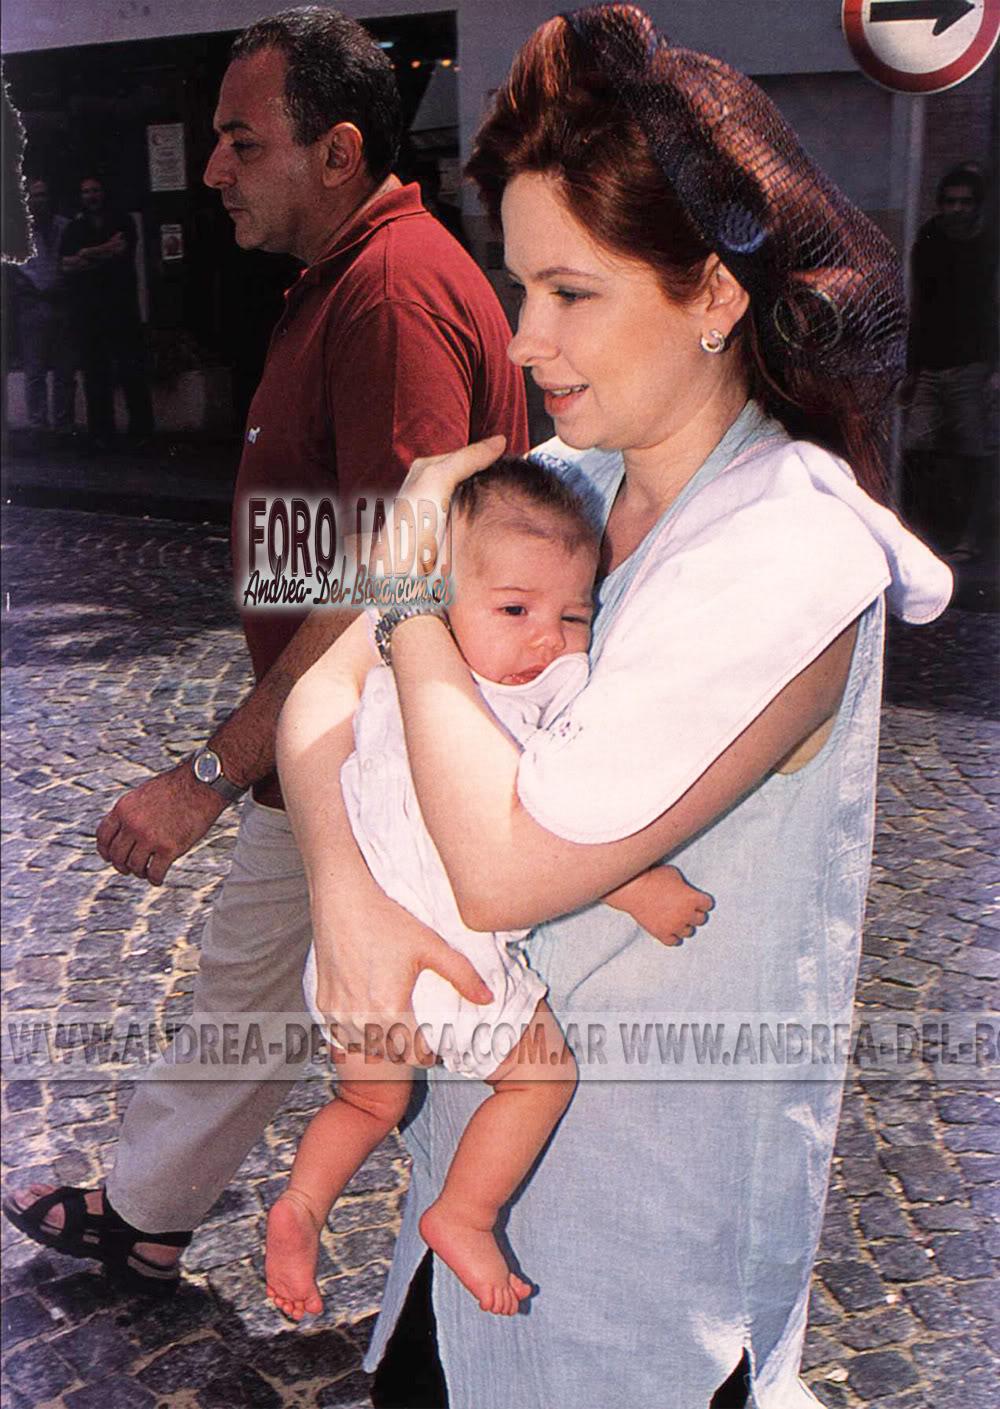 Фотографии / Fotos (часть 4) - Página 6 AA-63